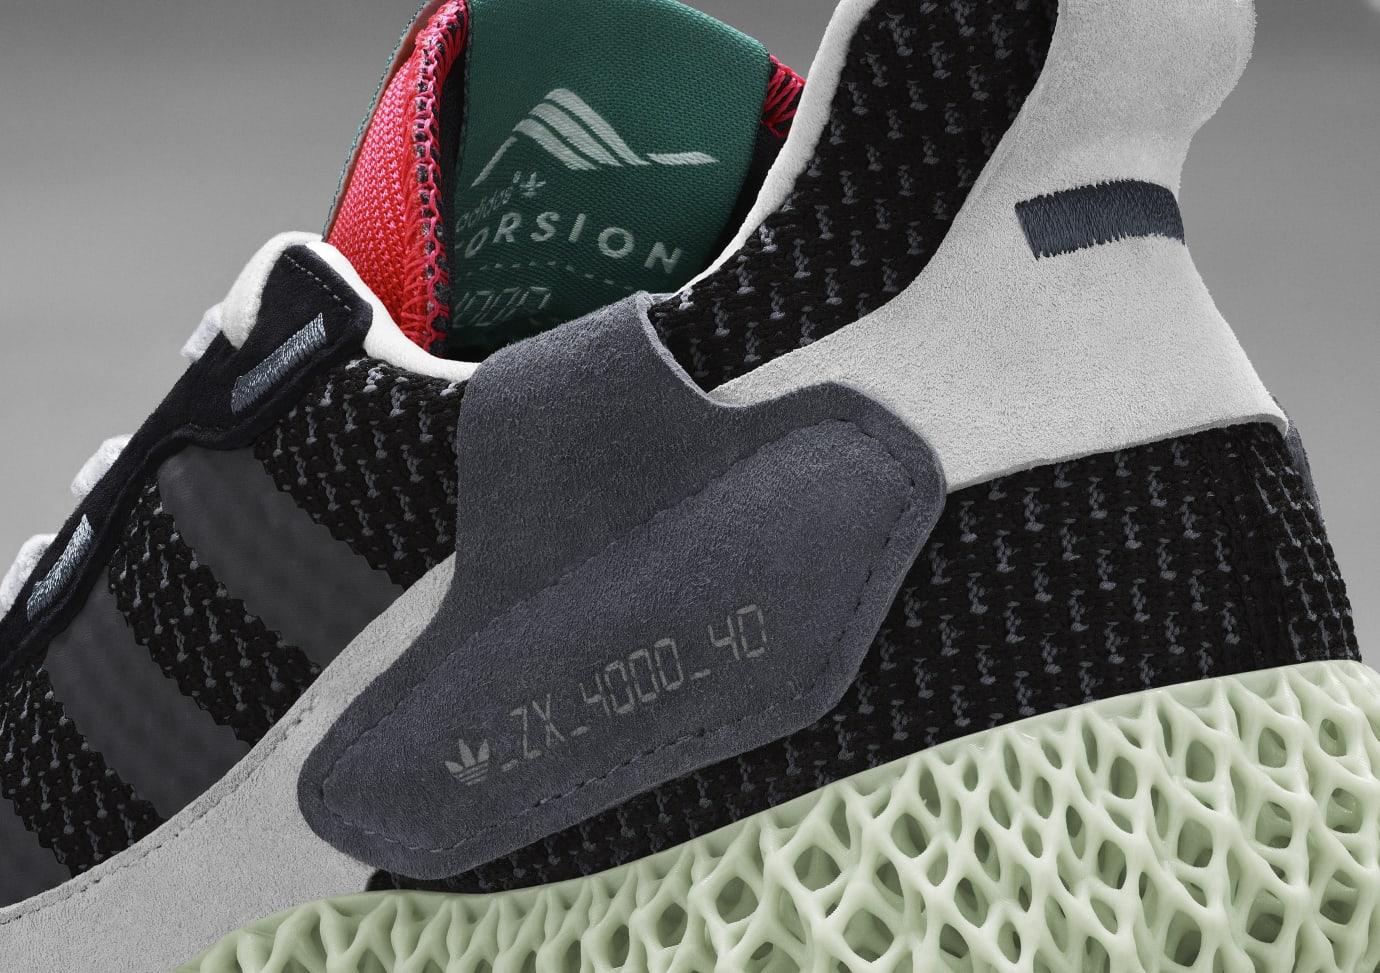 Adidas Consortium ZX4000 4D BD7931 (Detail)